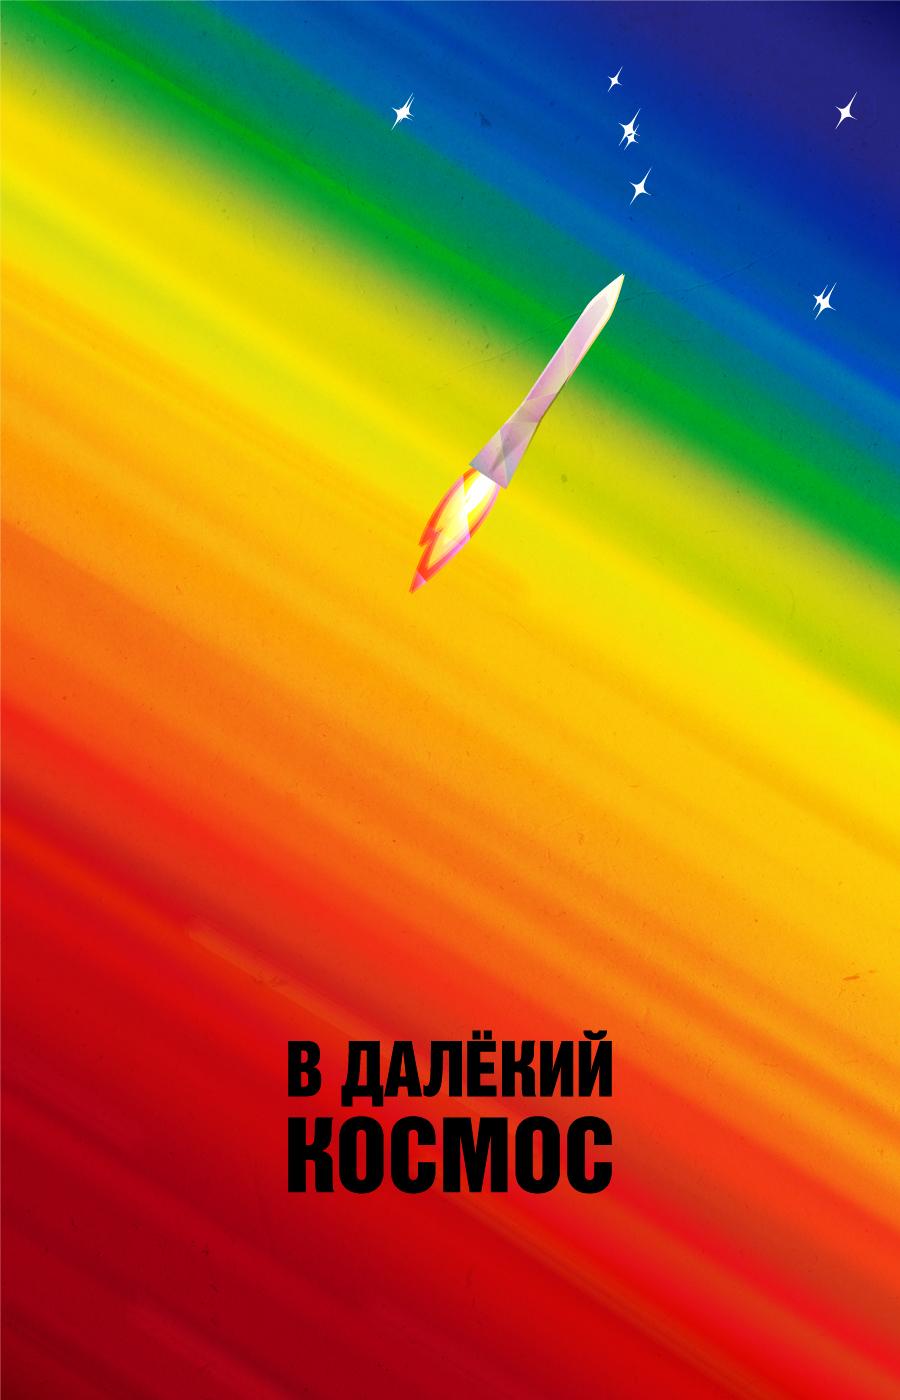 В космос!